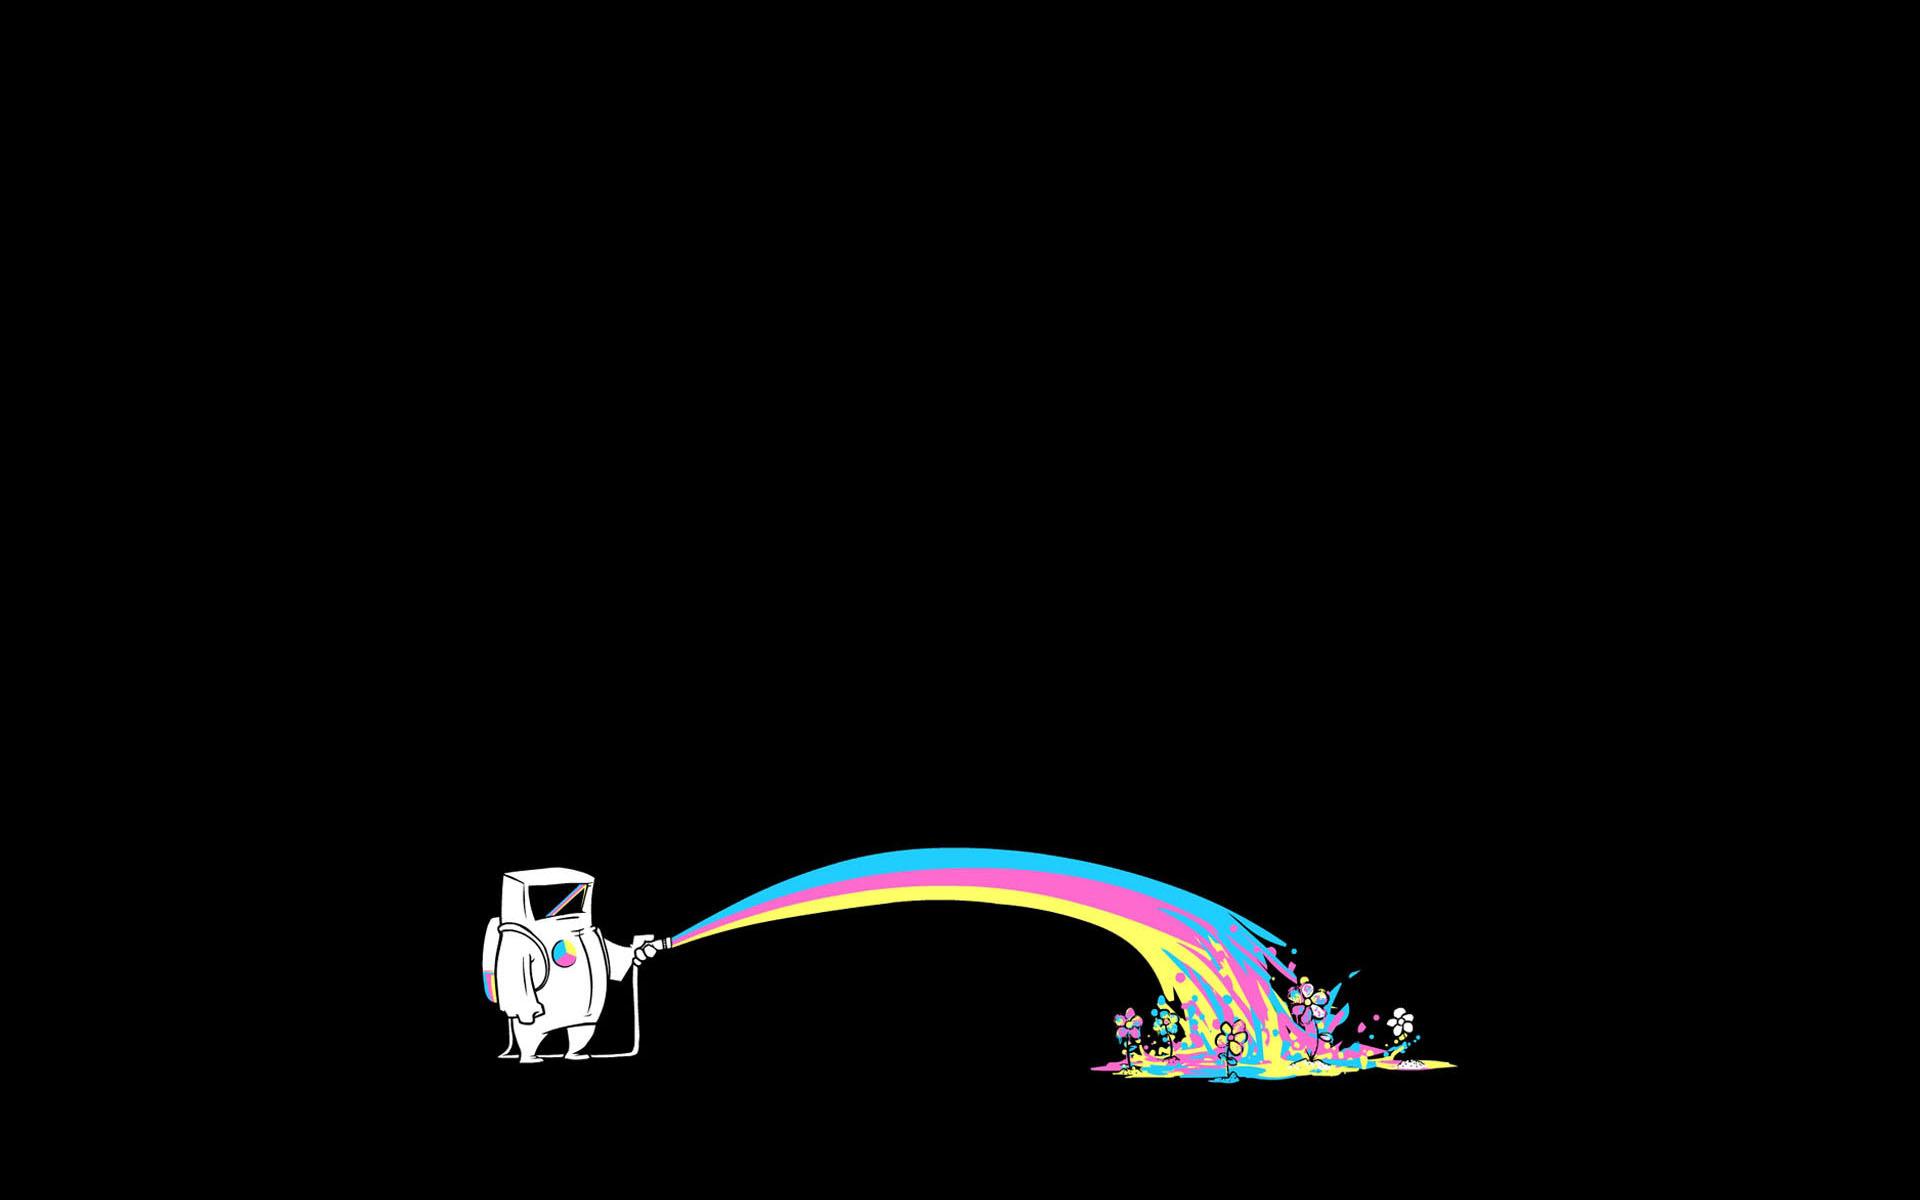 minimalistic rainbows rainbow minimalist HD Wallpaper of Nature 1920x1200